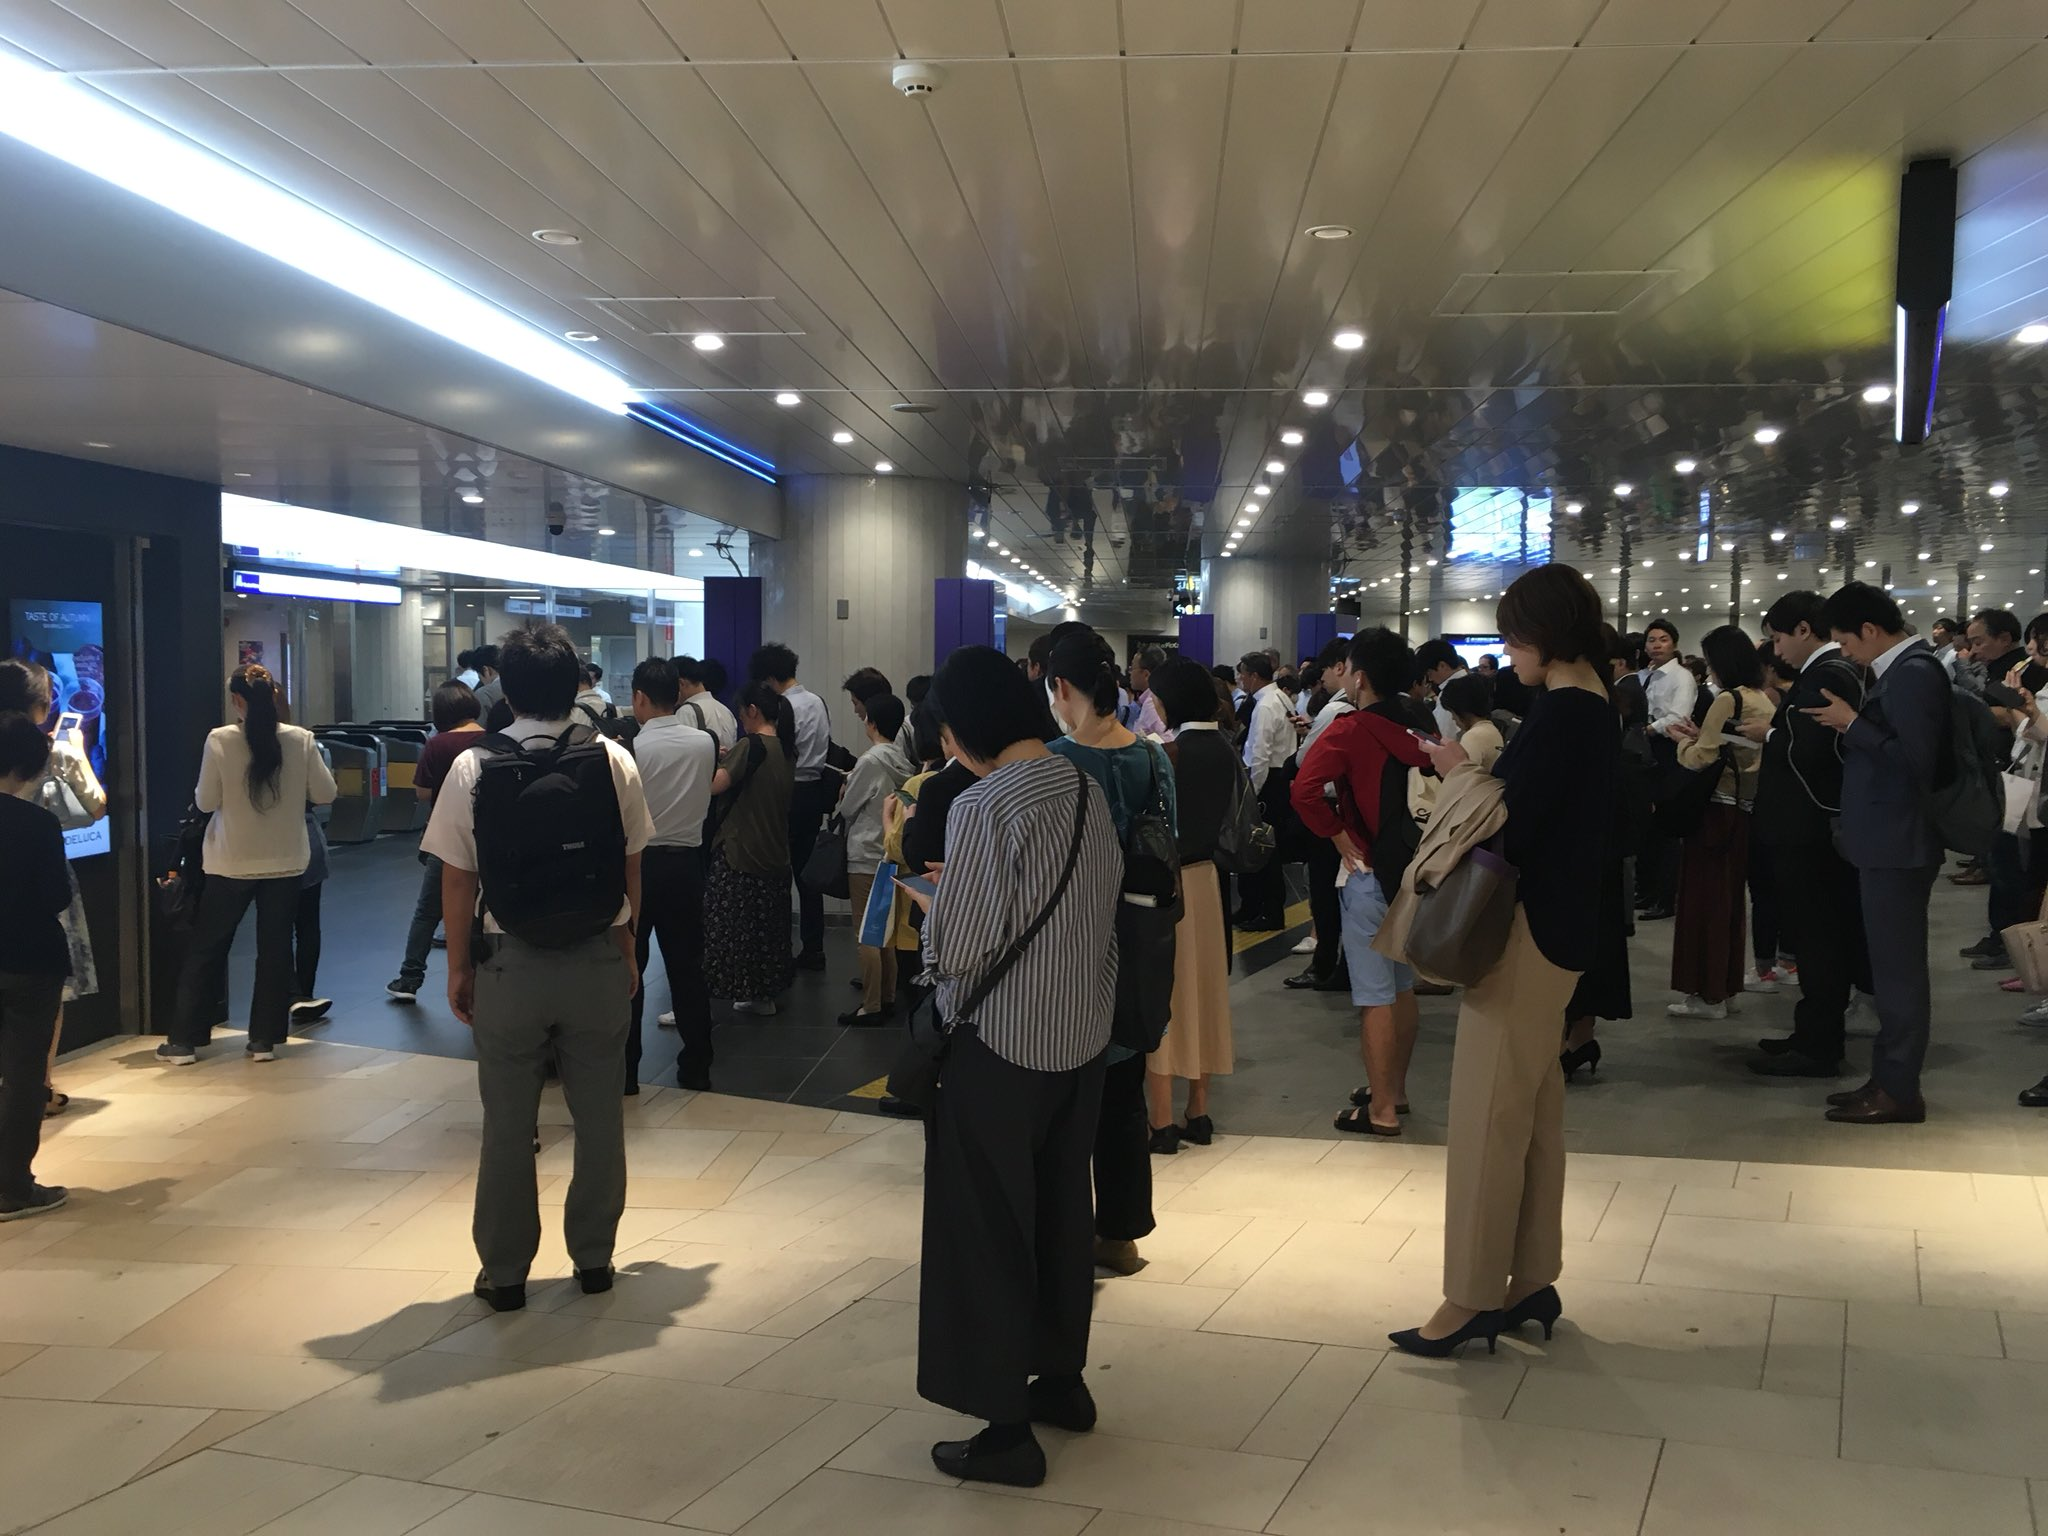 画像,御堂筋線人身で新大阪駅の改札規制でパニり始めてる https://t.co/lT9Pi0iqbW。